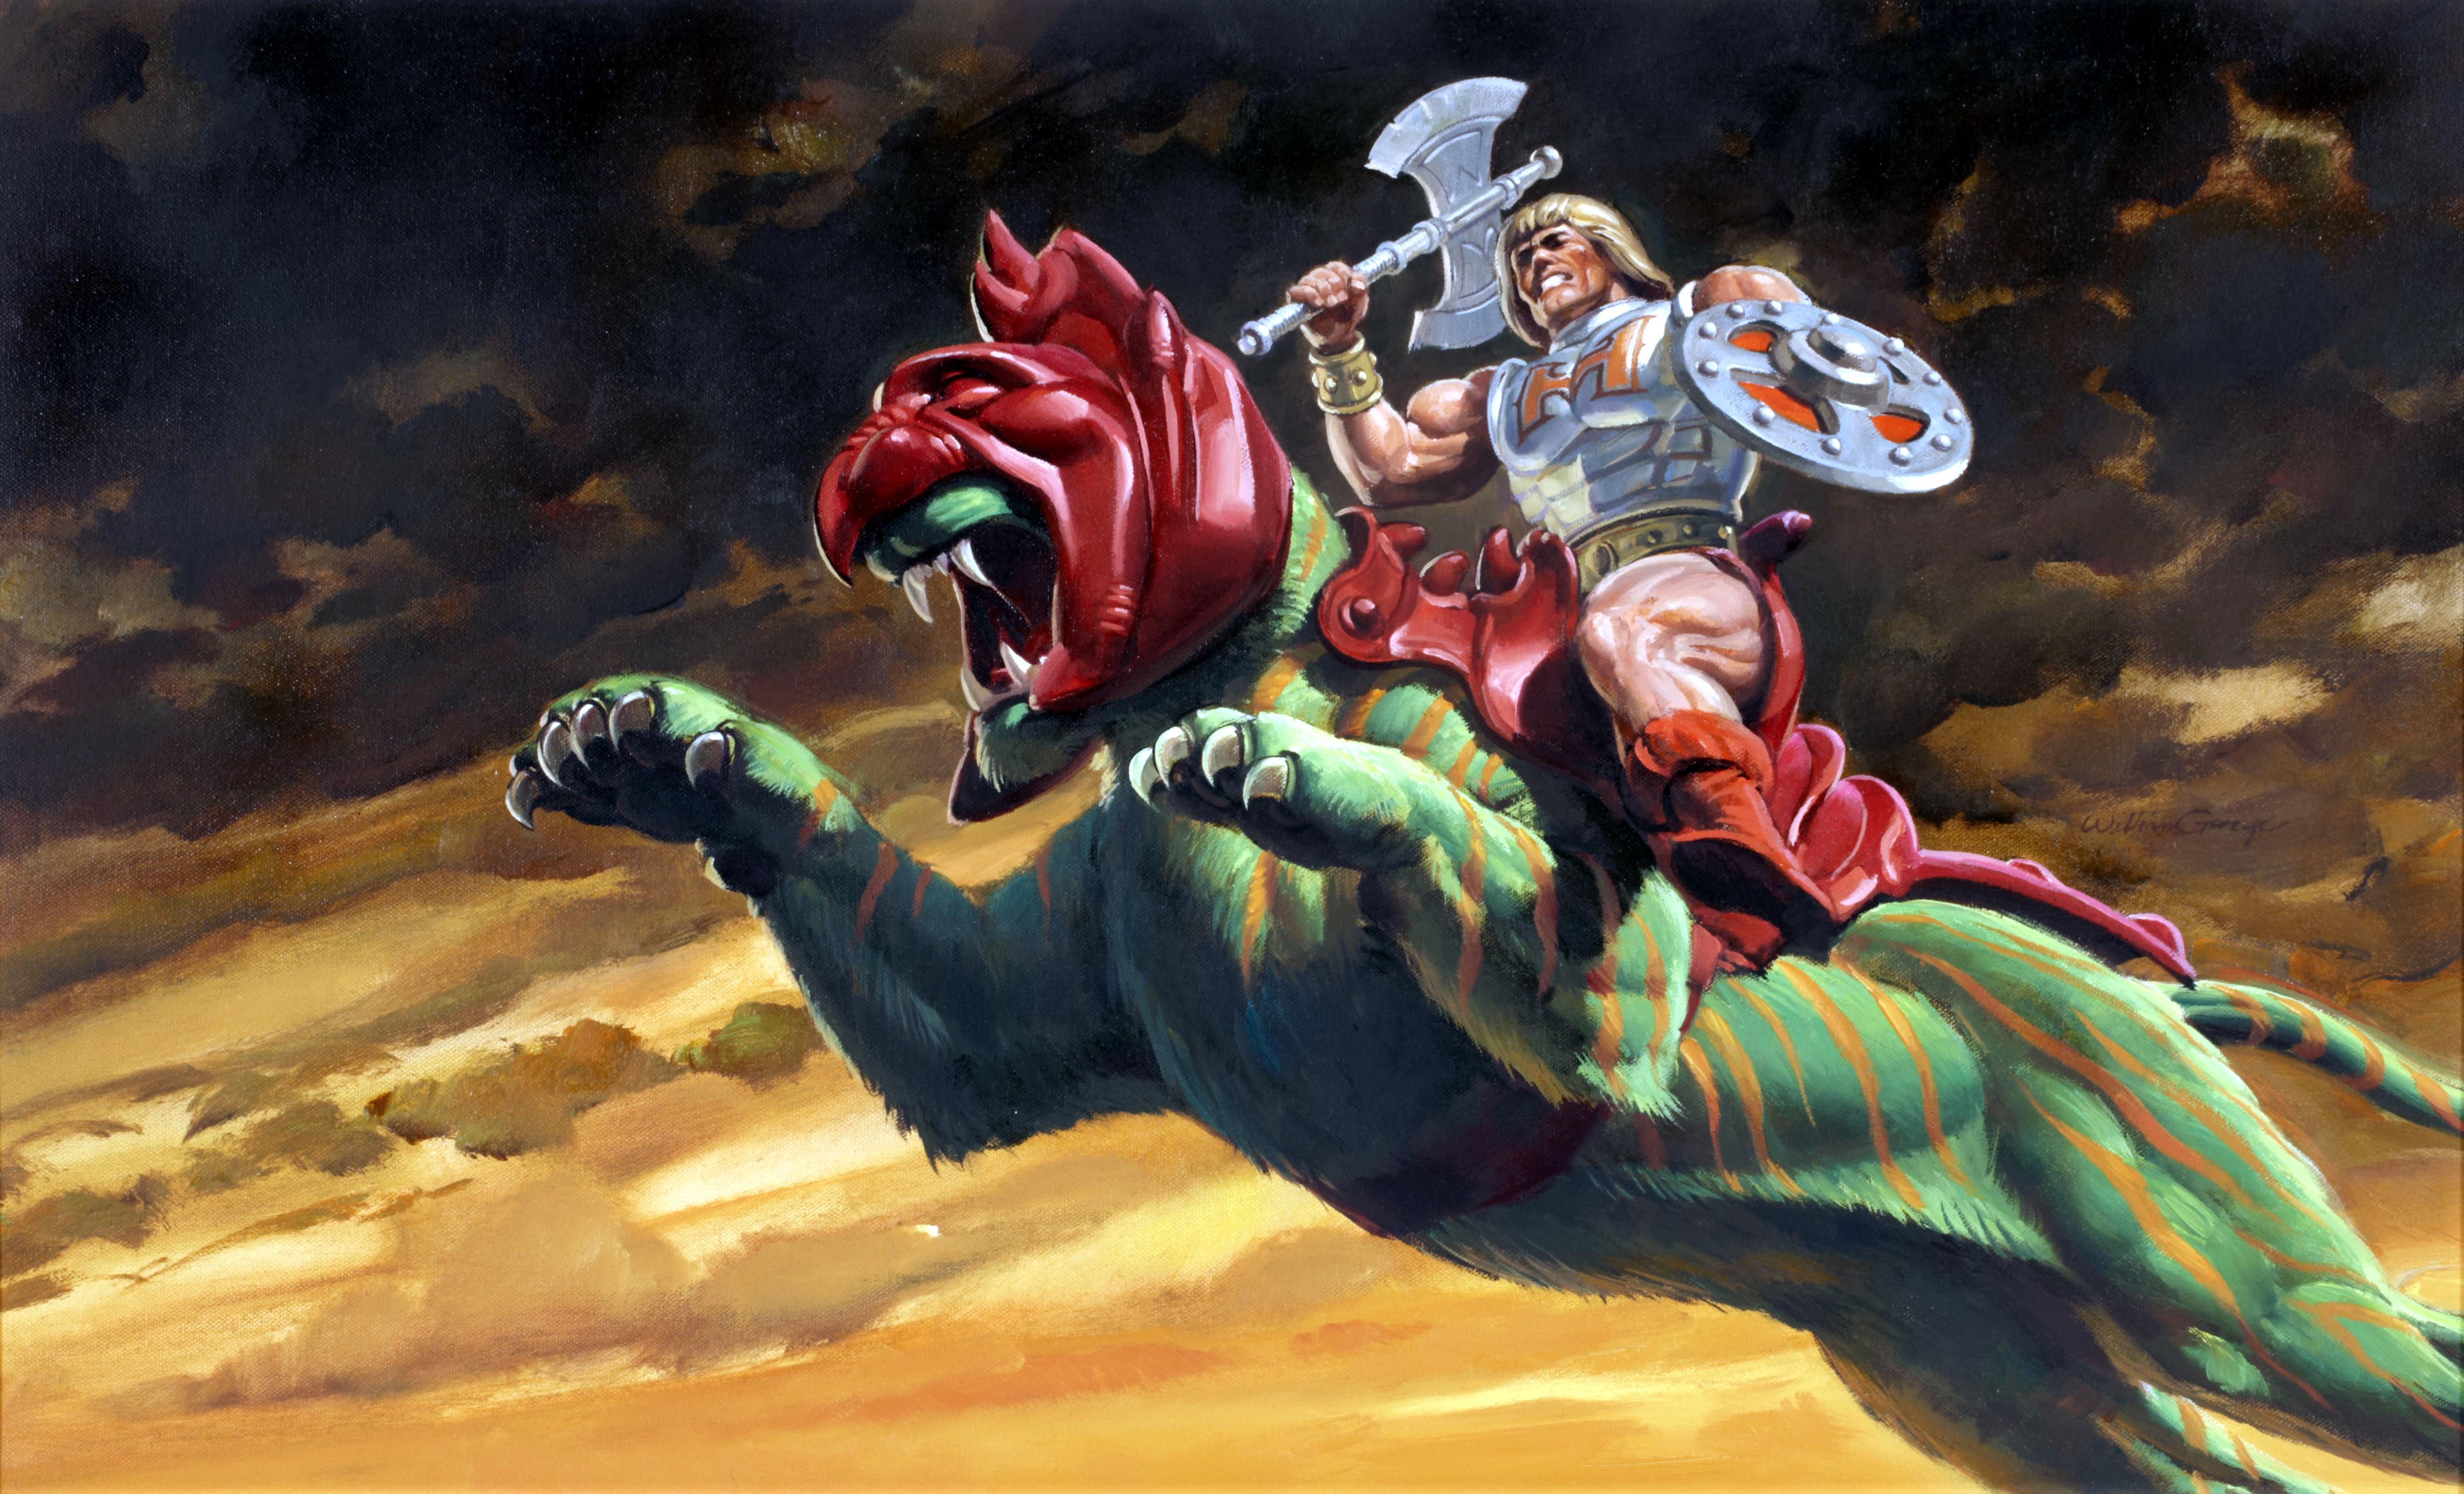 battle_armor_he_man_duel_by_fnhot-d2y4o8m.jpg